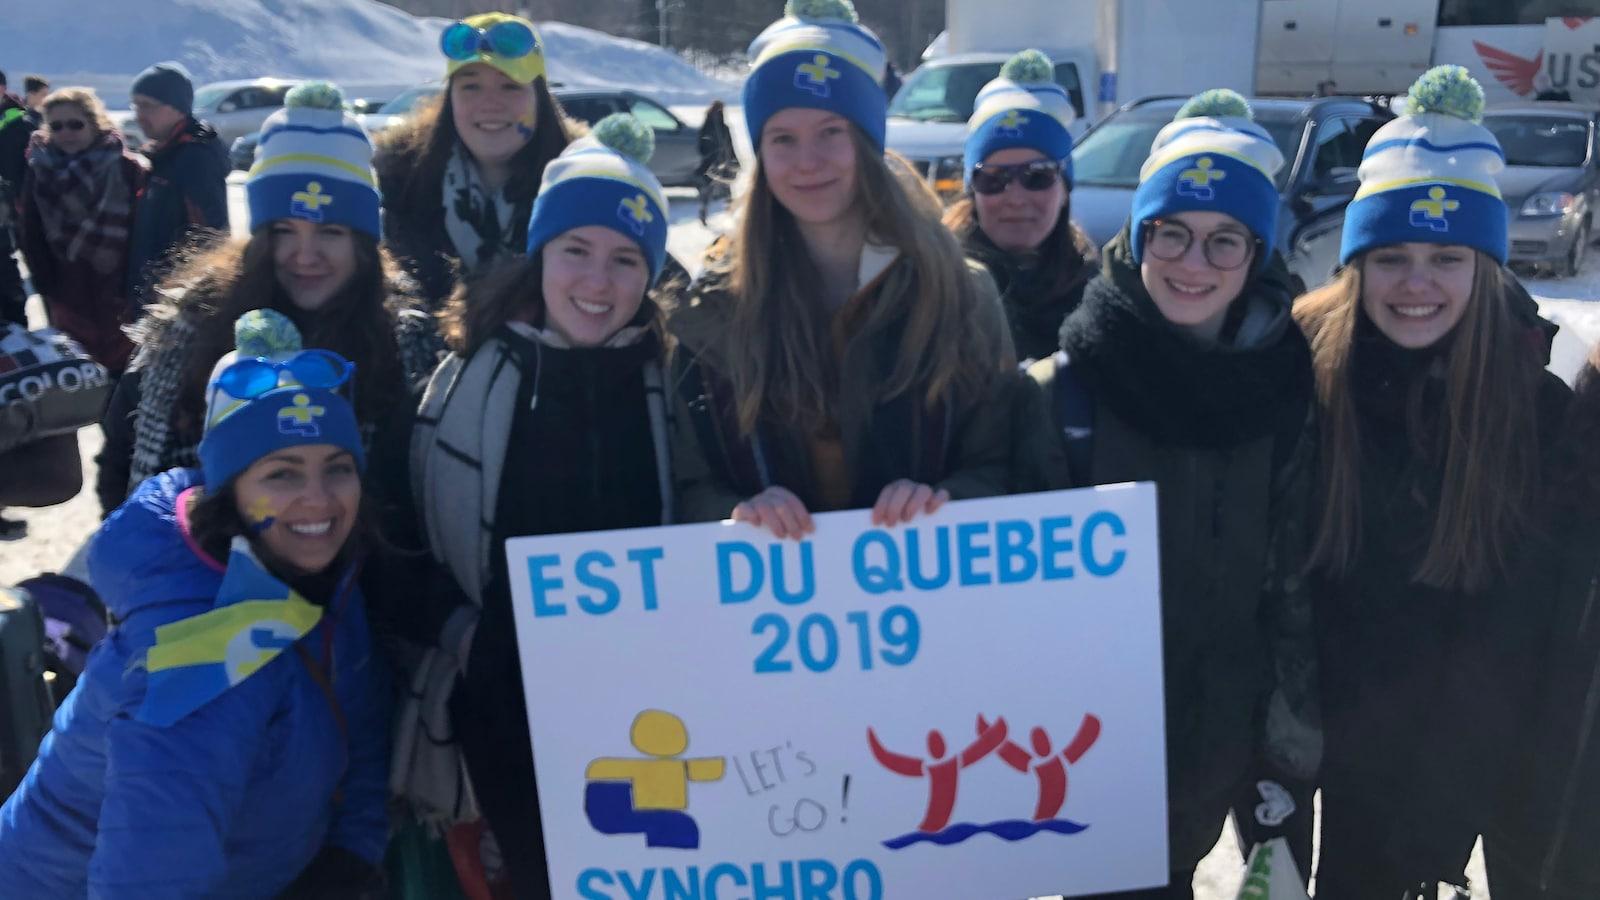 Les athlètes en nage synchronisée étaient très enthousiastes avant de partir pour les Jeux du Québec, vendredi en fin d'avant-midi.